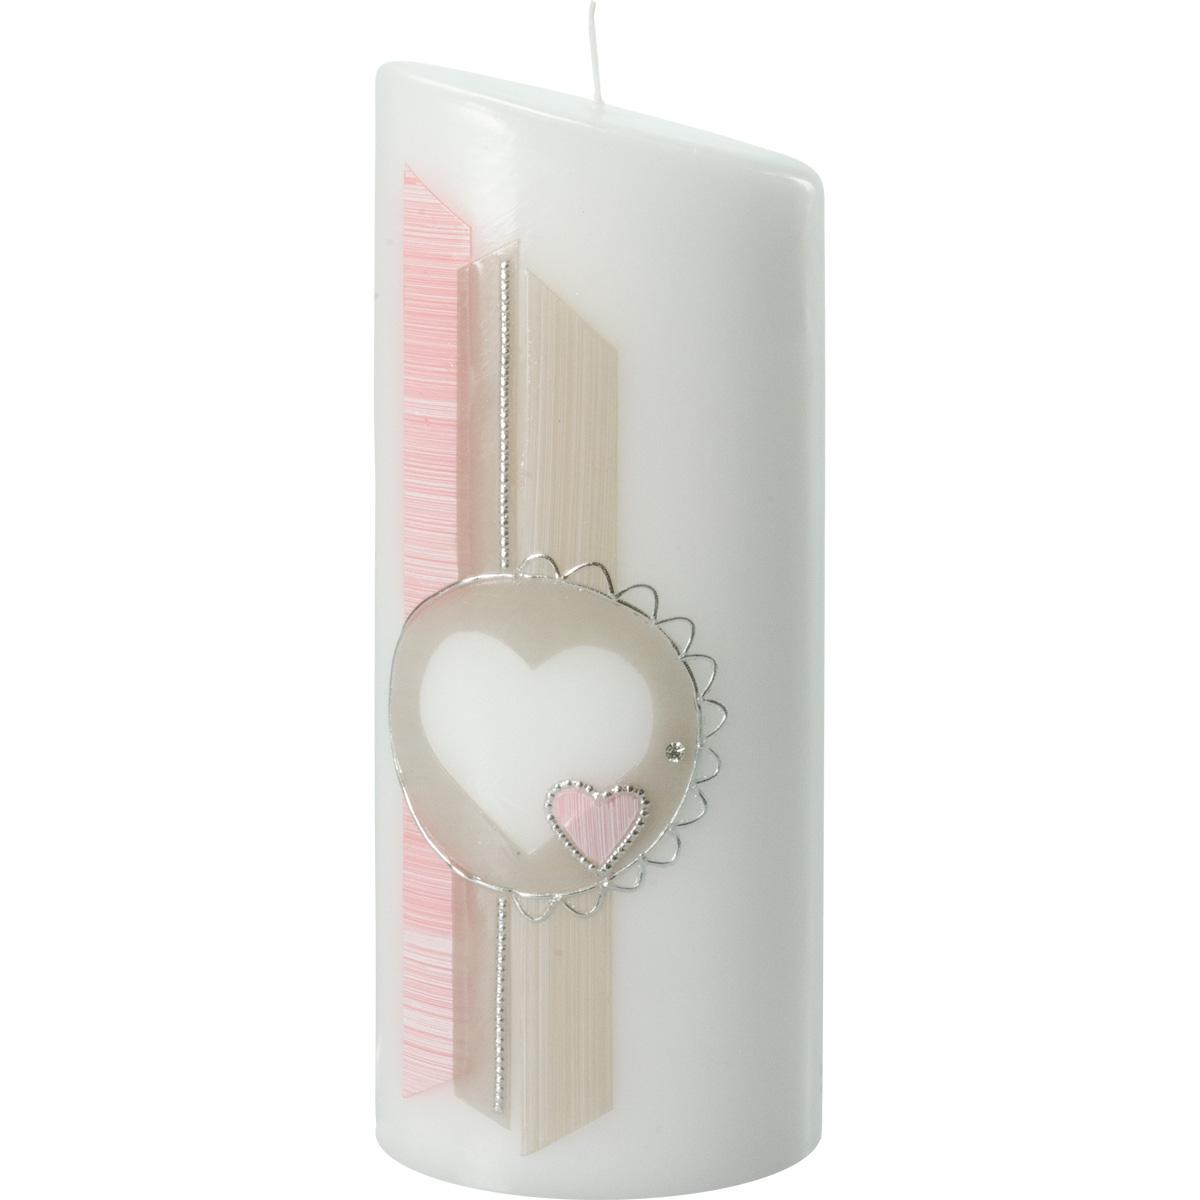 Hochzeitskerze, 5017, Oval 230x90x60, Herz, rosa-taupe-silber